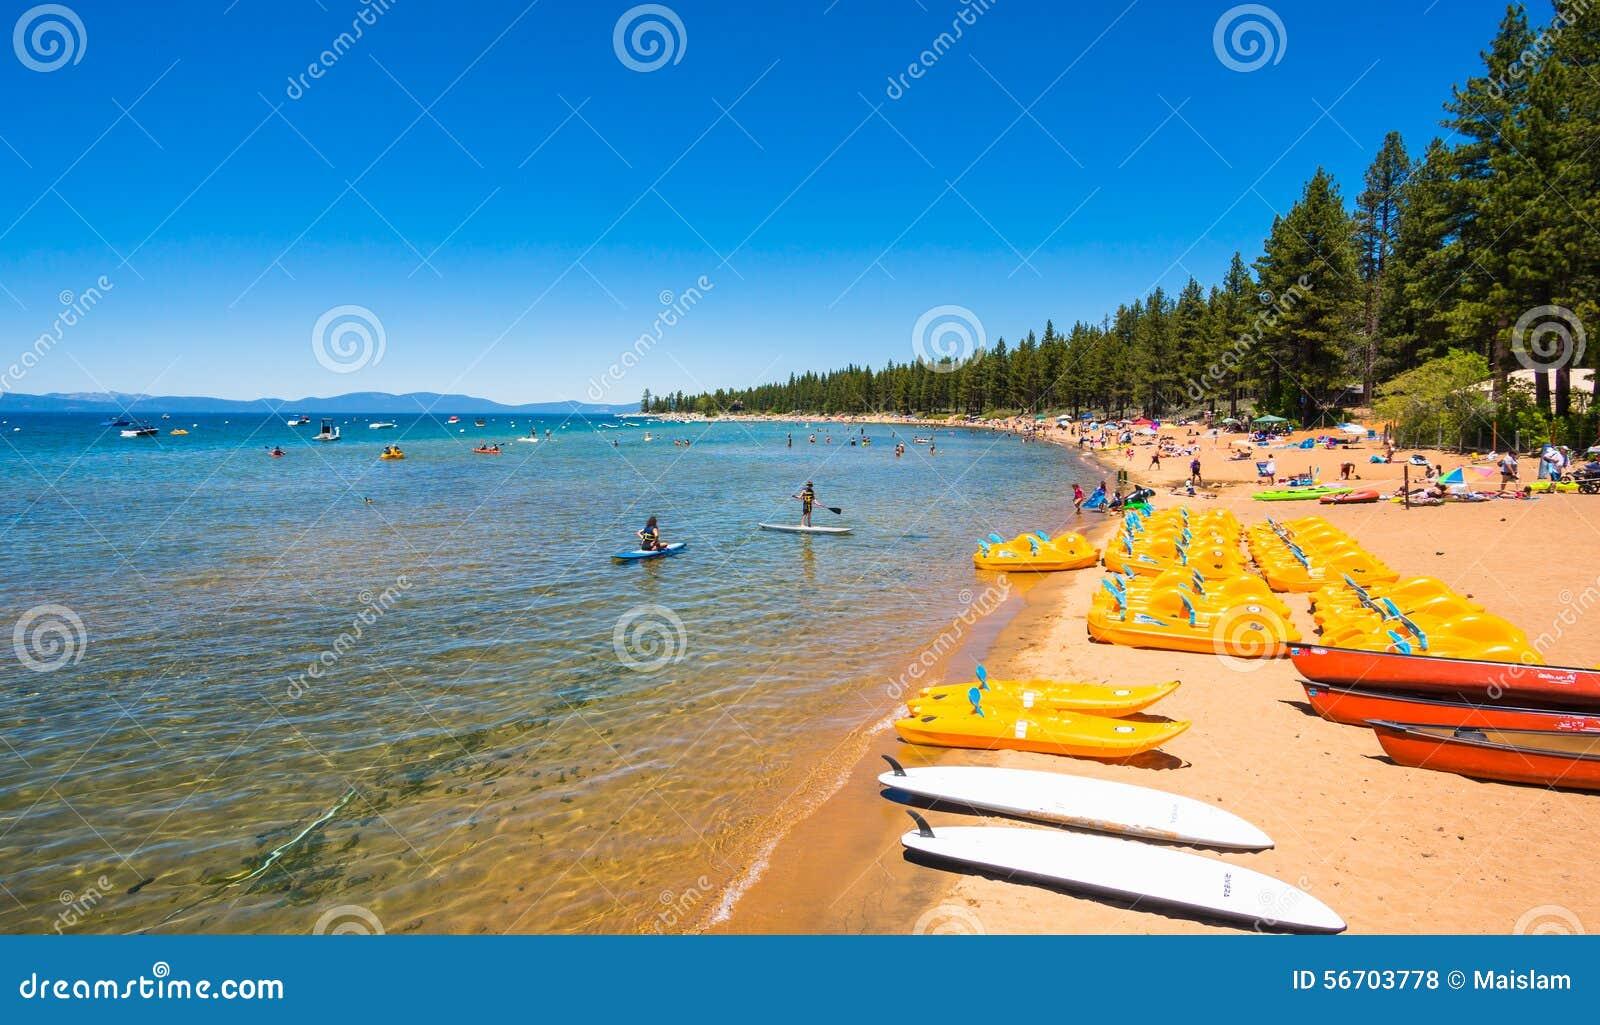 Härlig strand i Lake Tahoe, Kalifornien